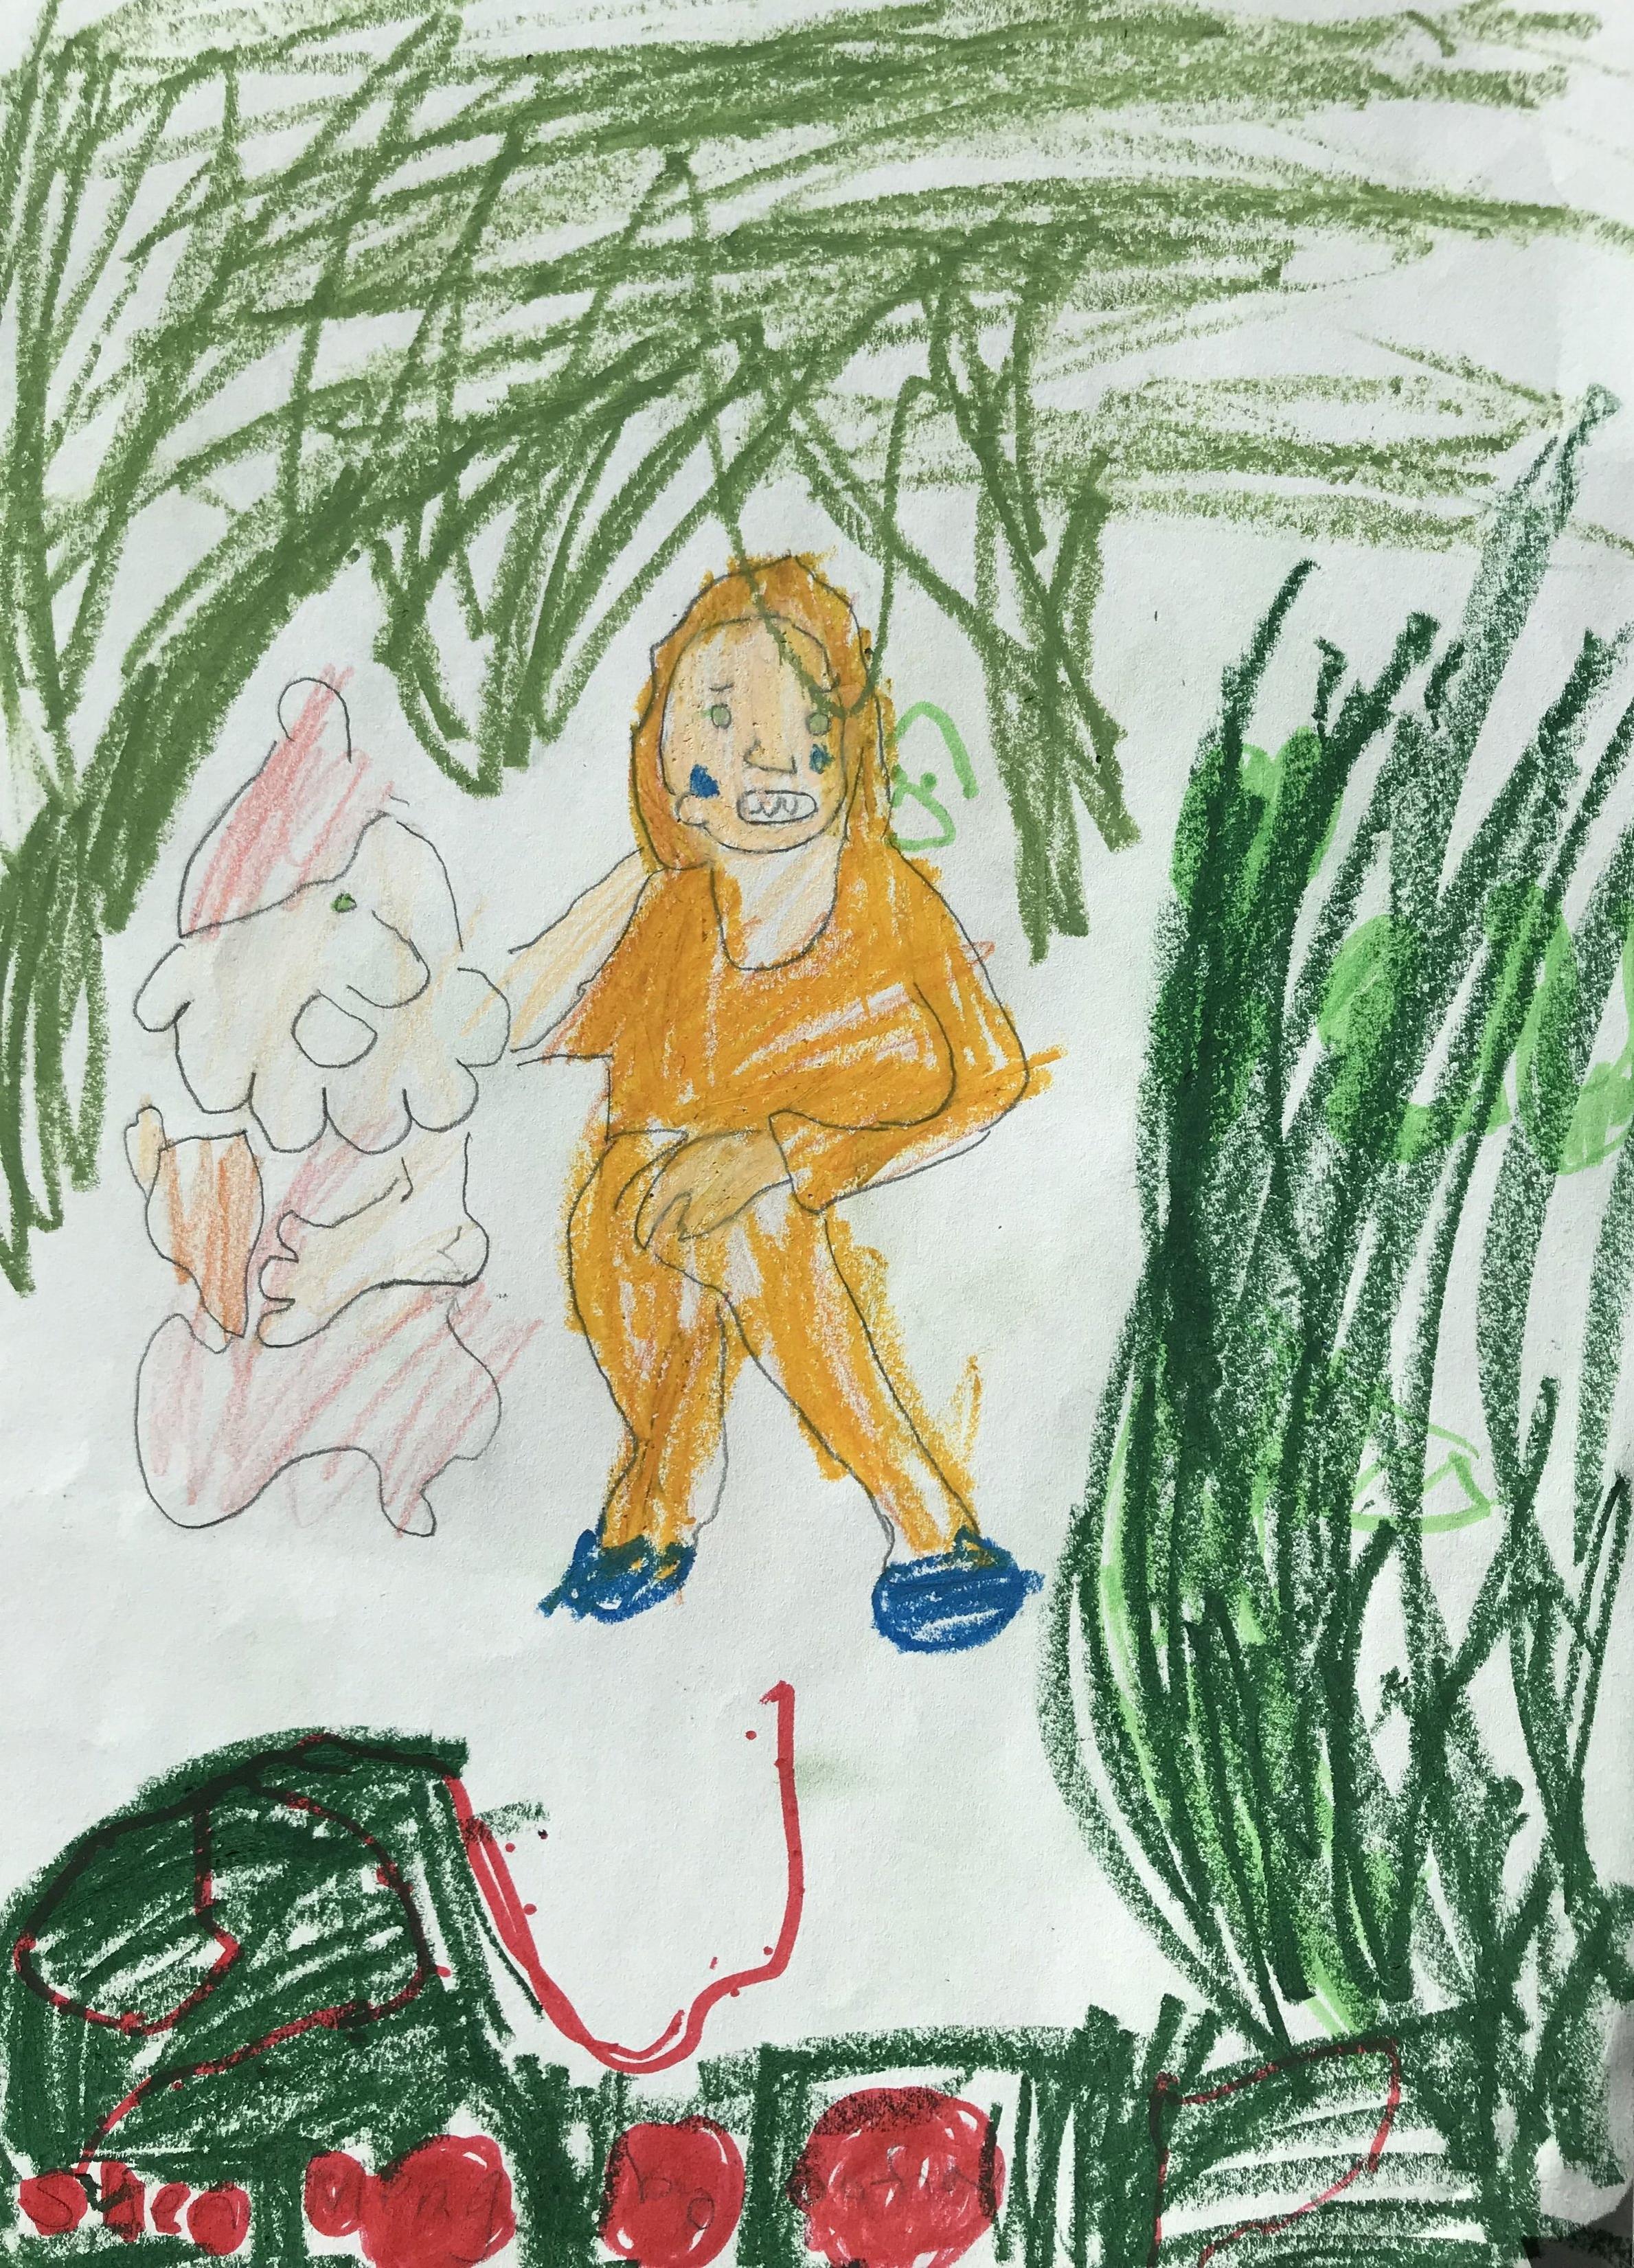 这件作品是一个在赫尔辛基9岁的芬兰小朋友在2018年为他深圳的朋友画的。